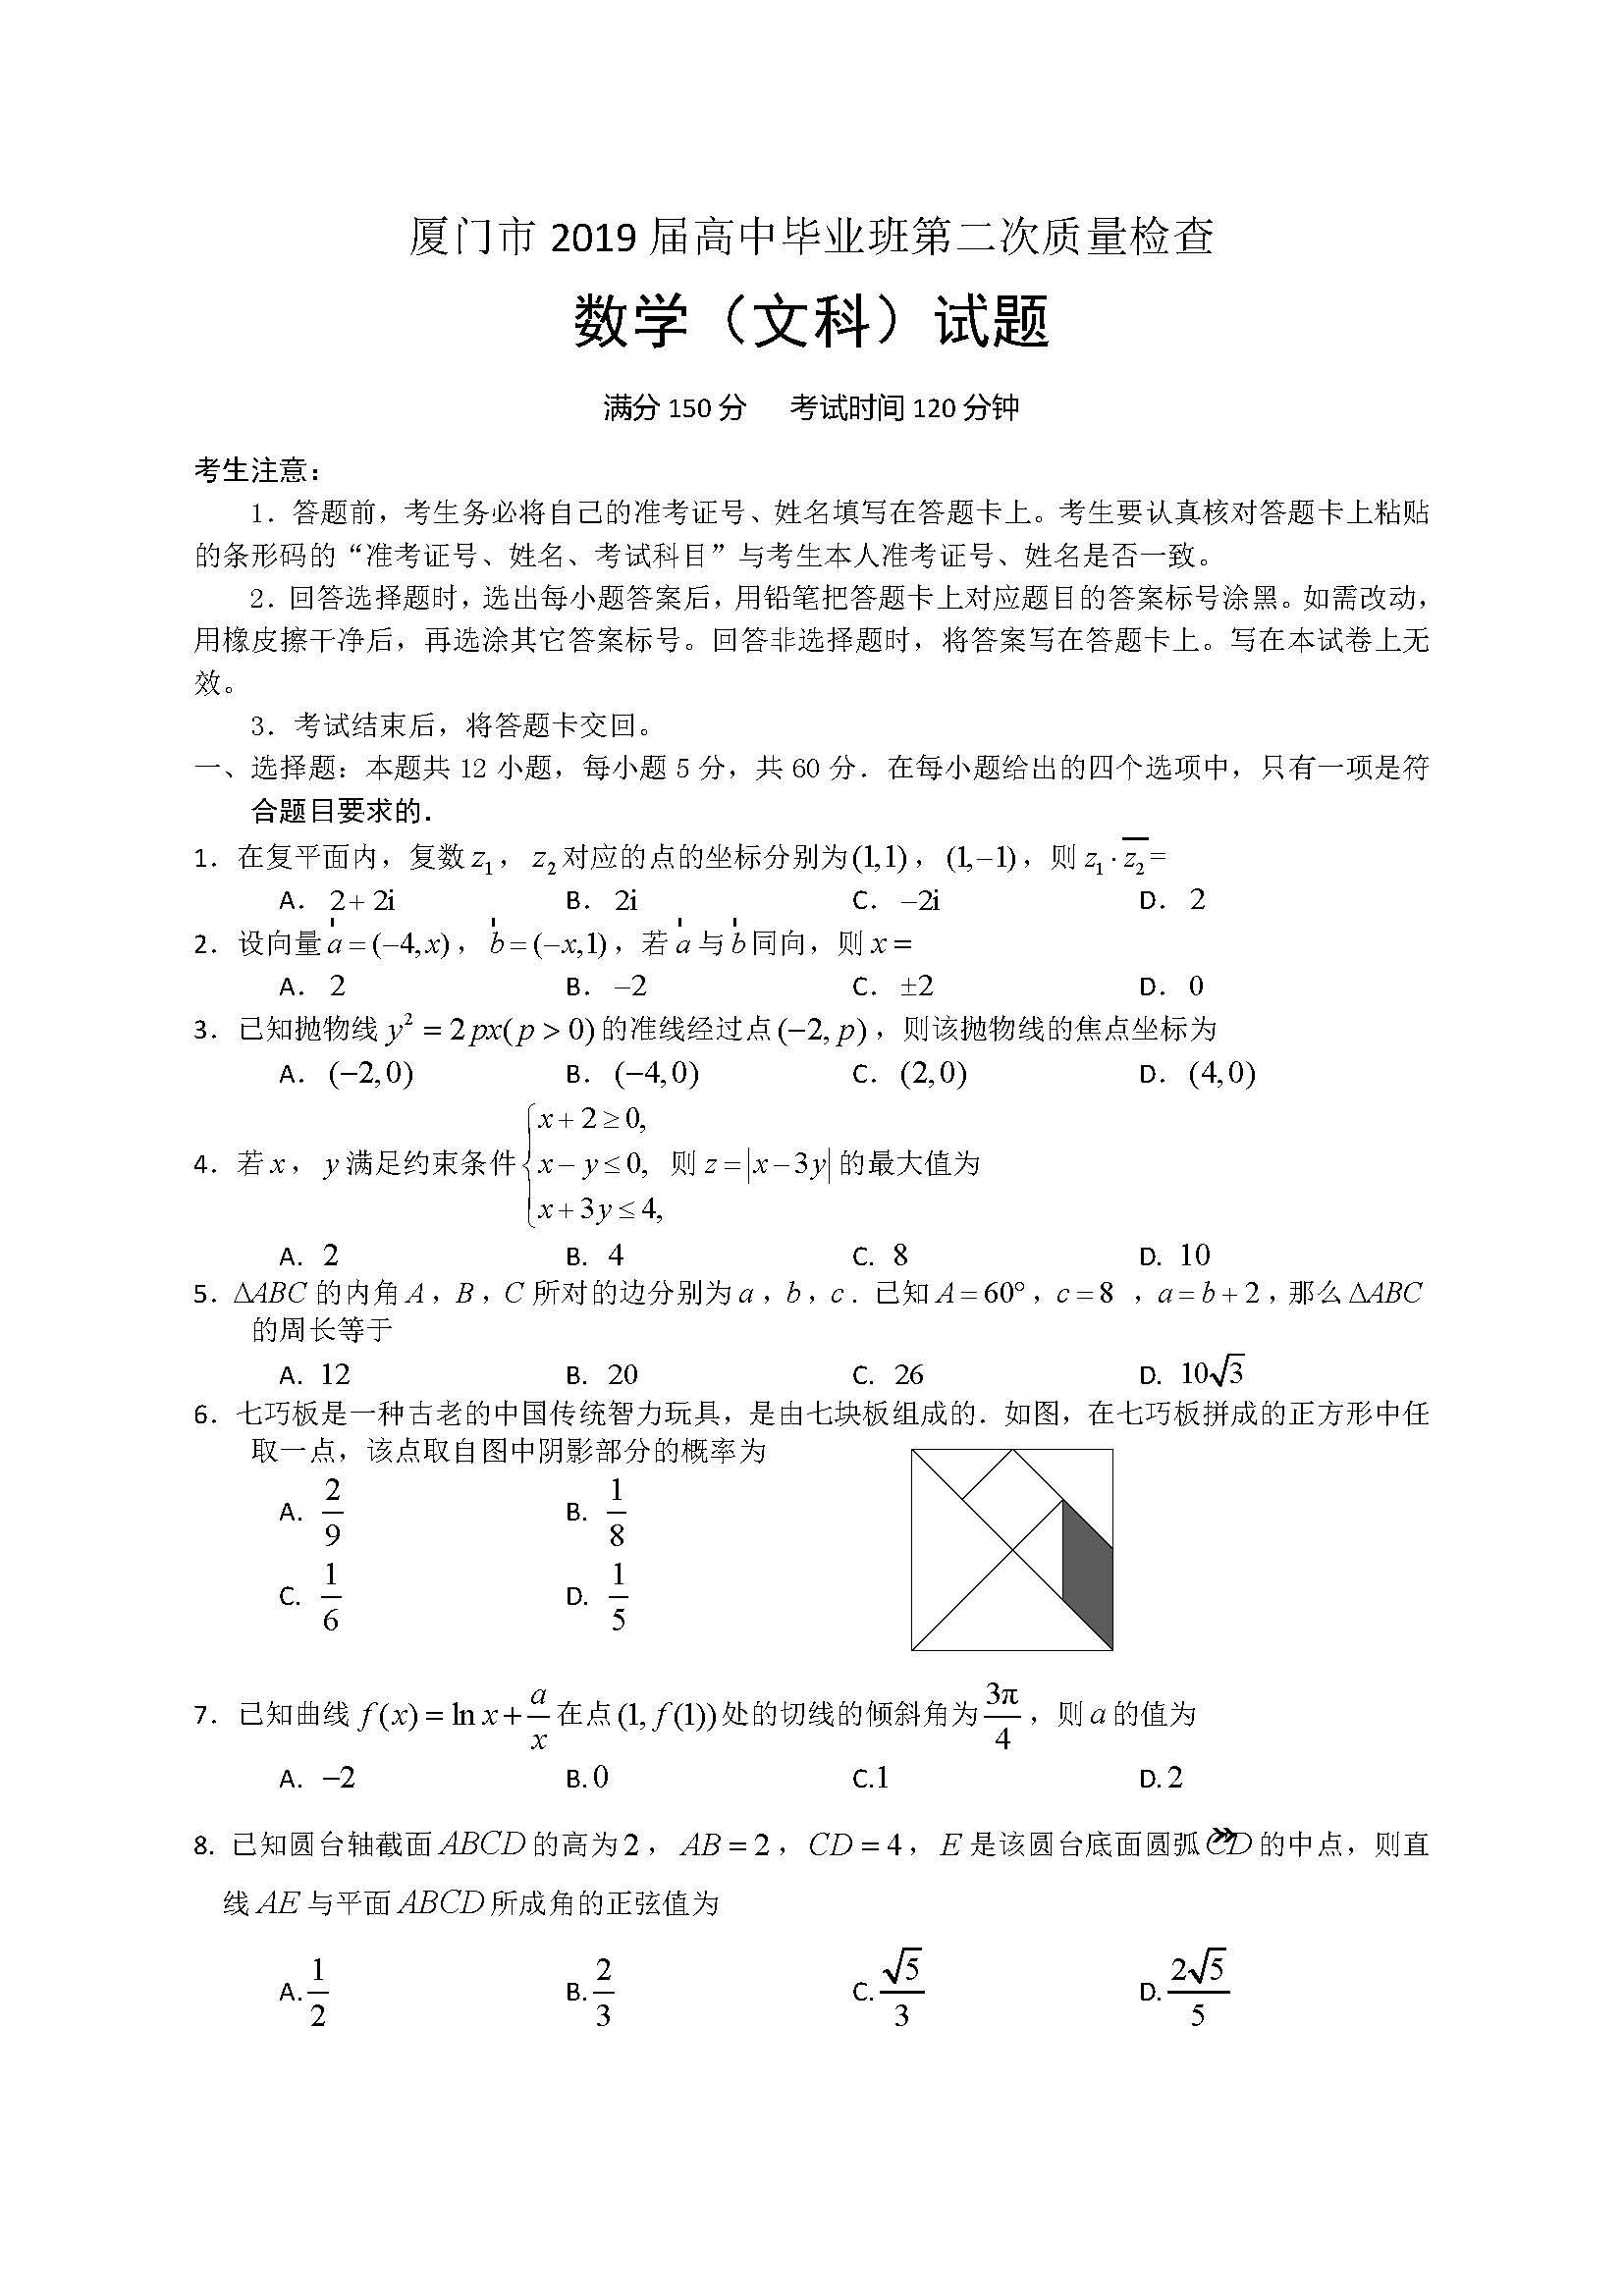 2019厦门高三第二次质量检测试题(文科数学)